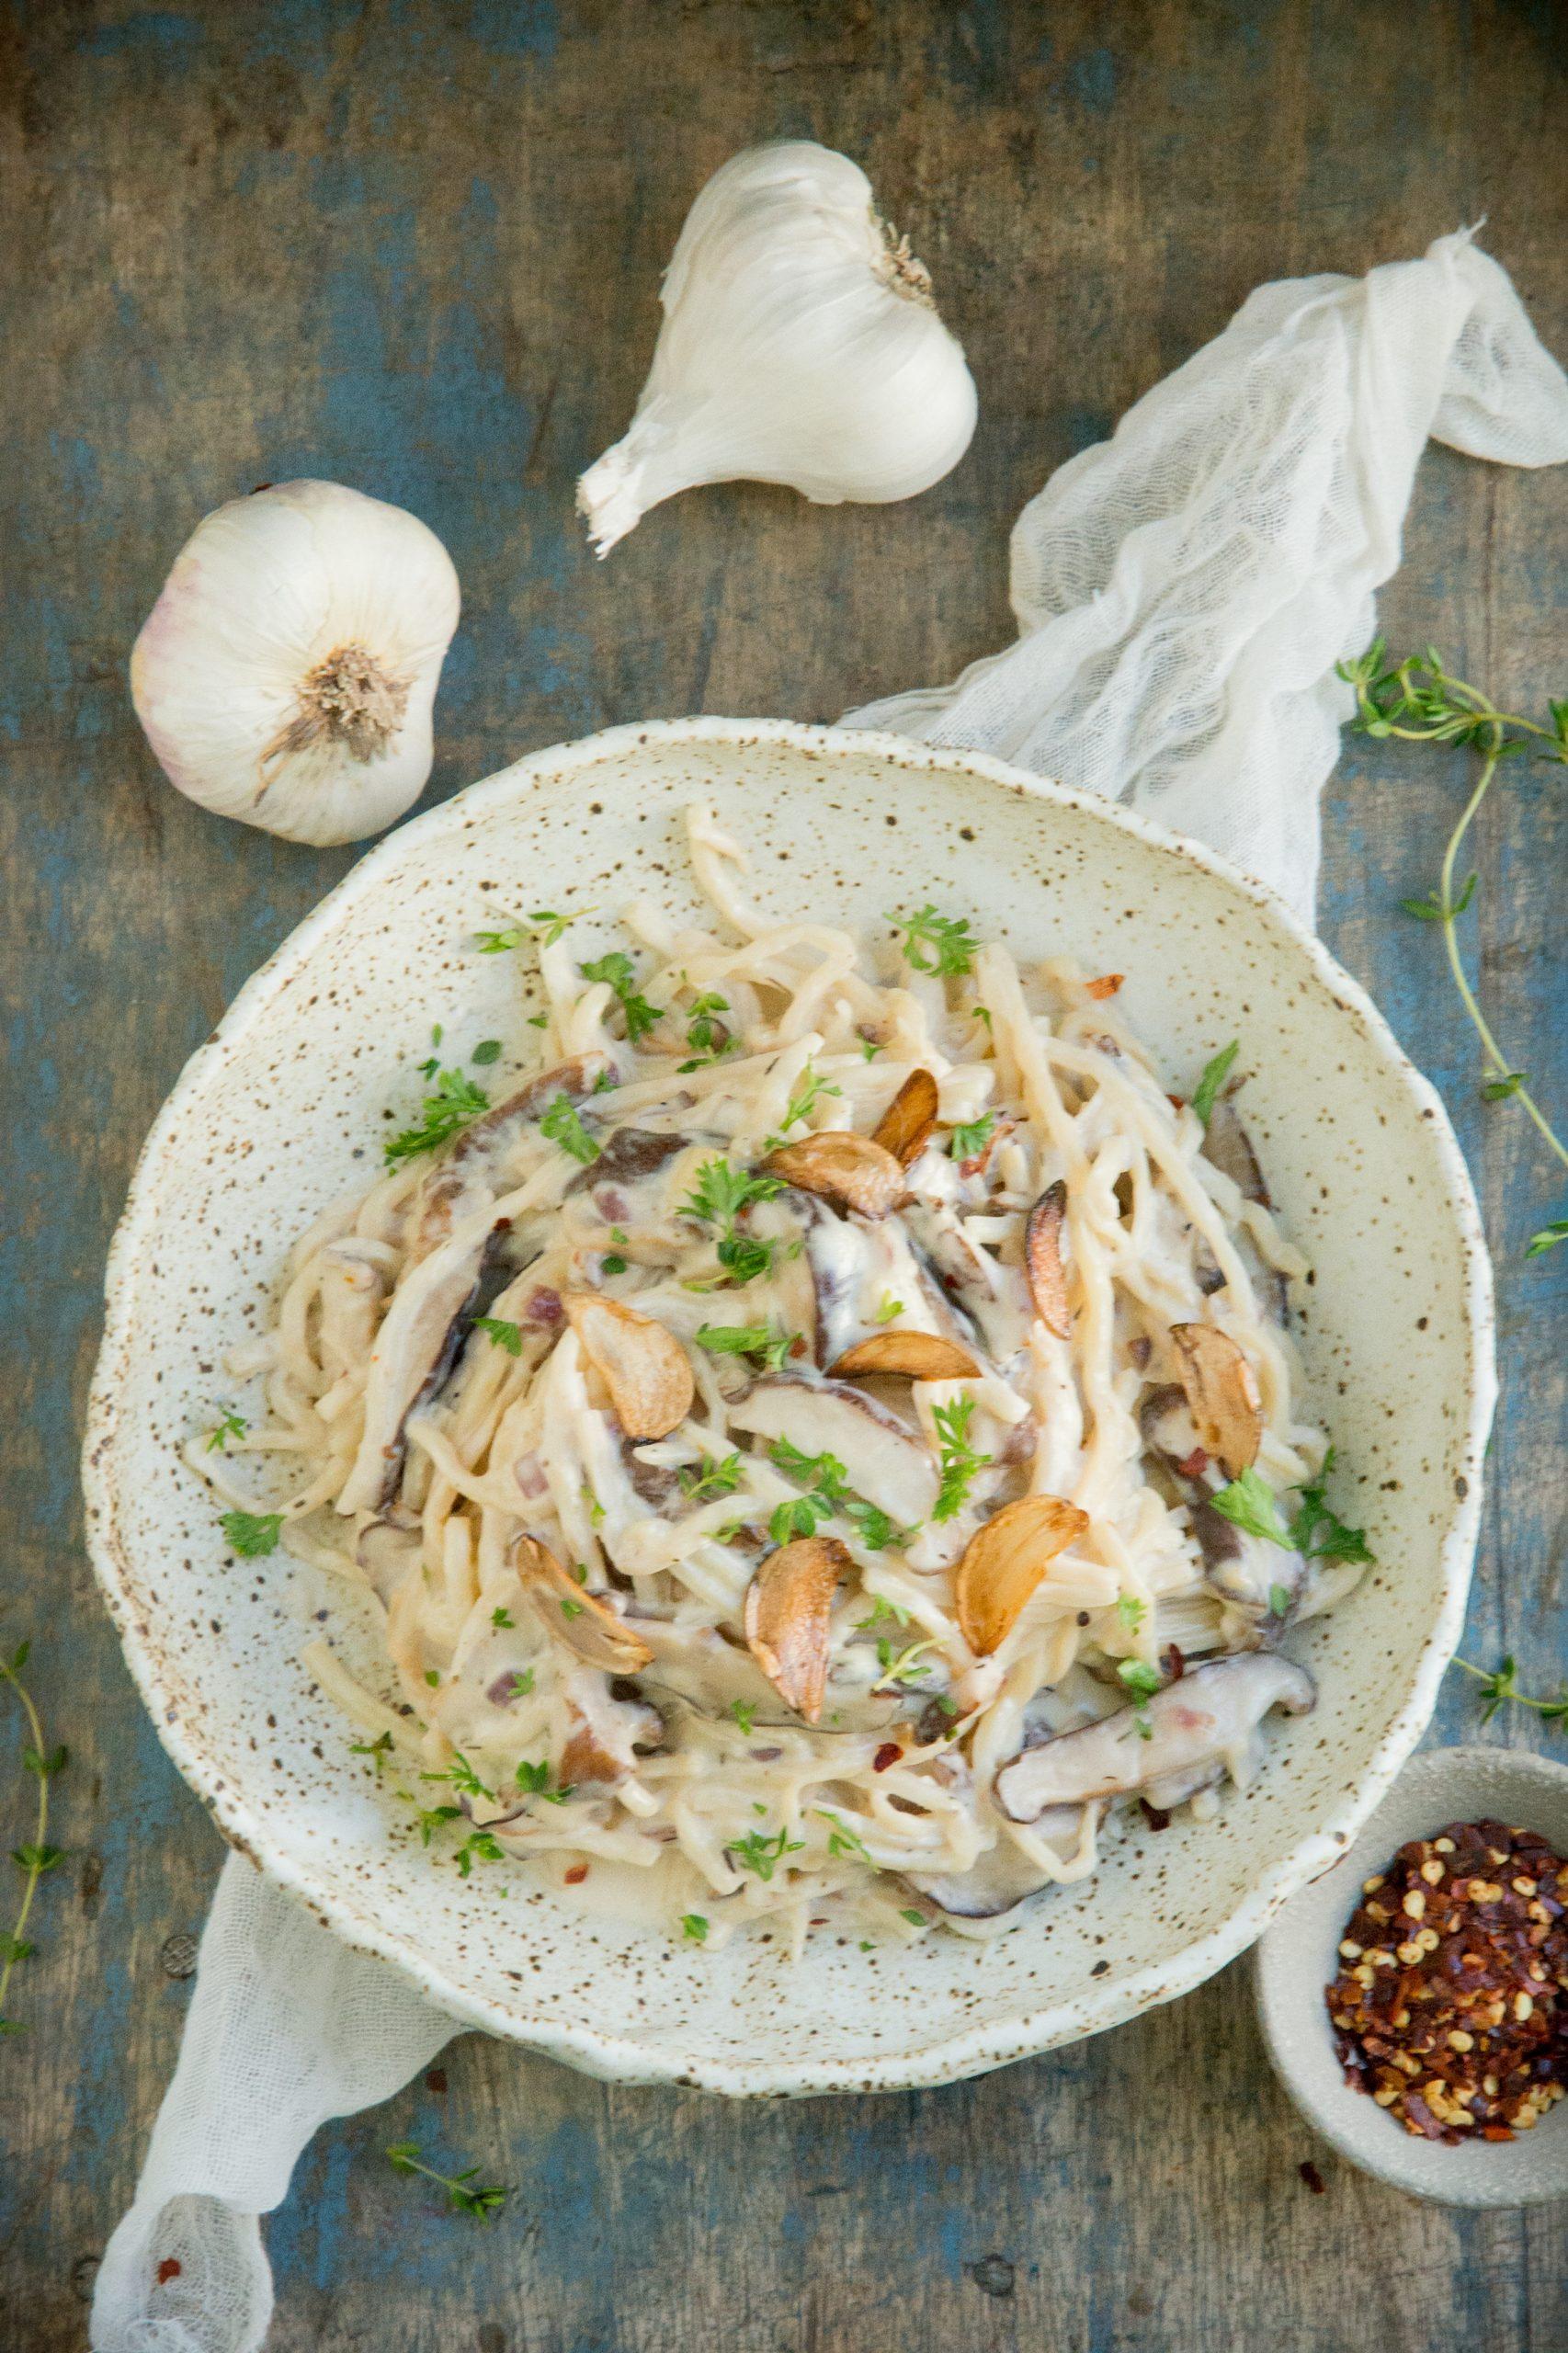 Mushroom pasta in a serving dish.